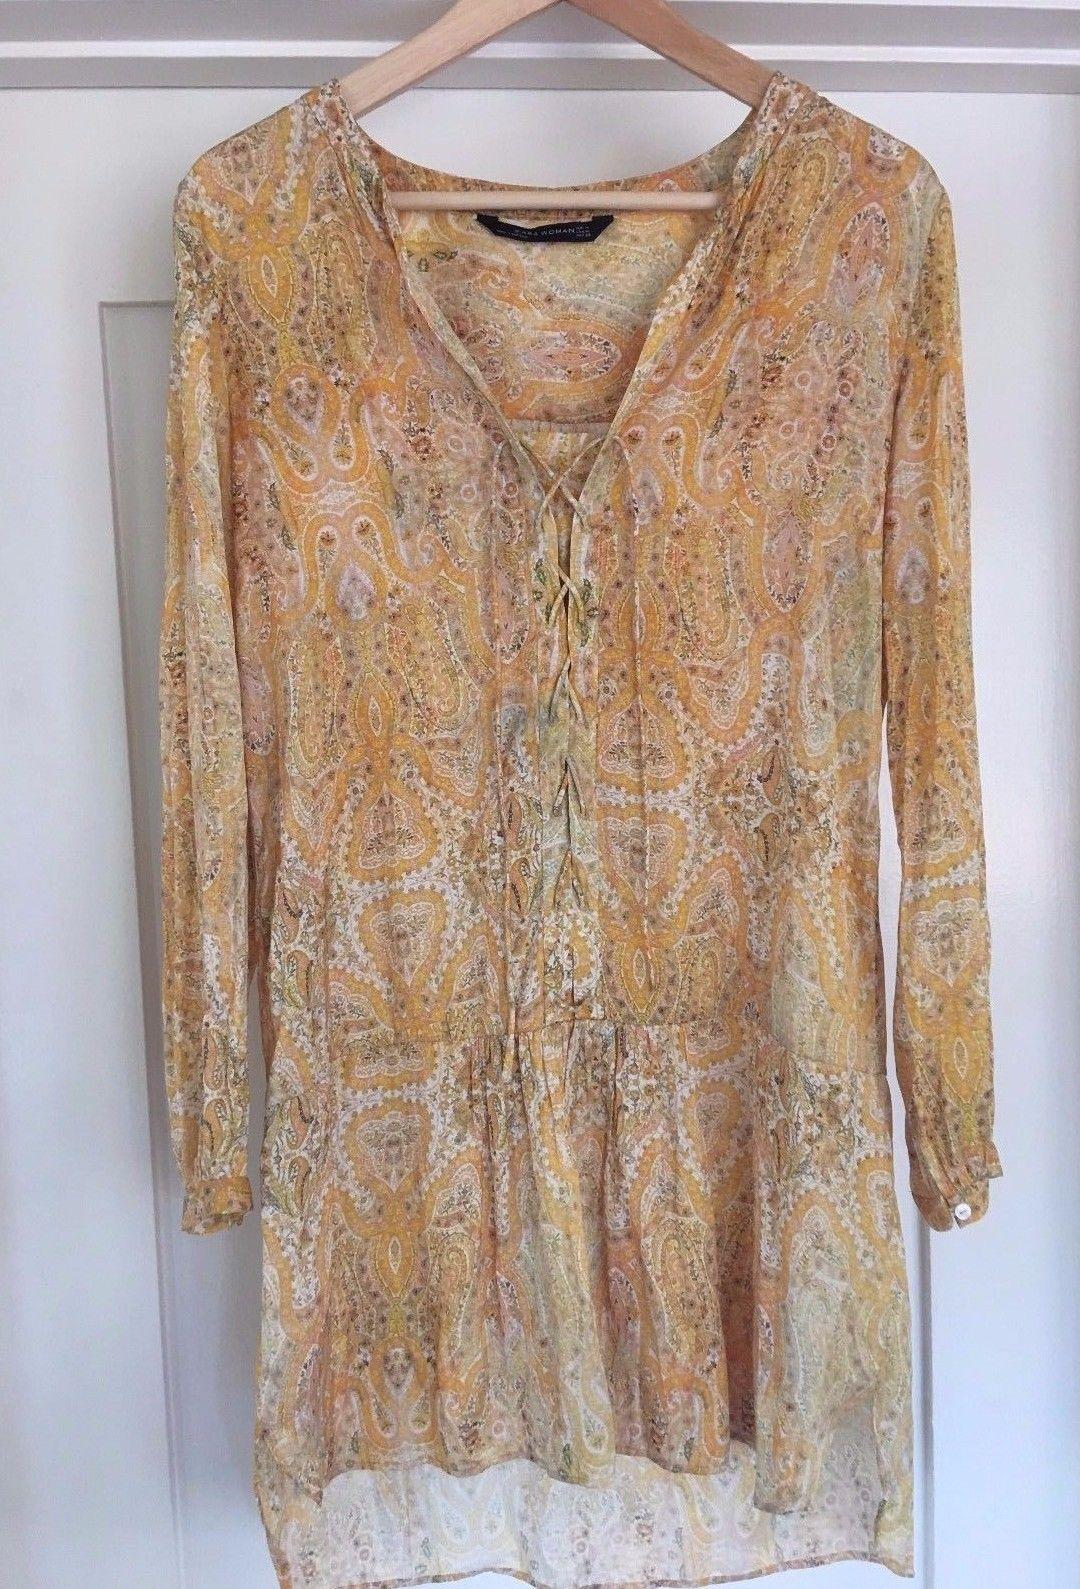 Zara-floral-paisley-dress-yellow-Size-M-boho.jpg